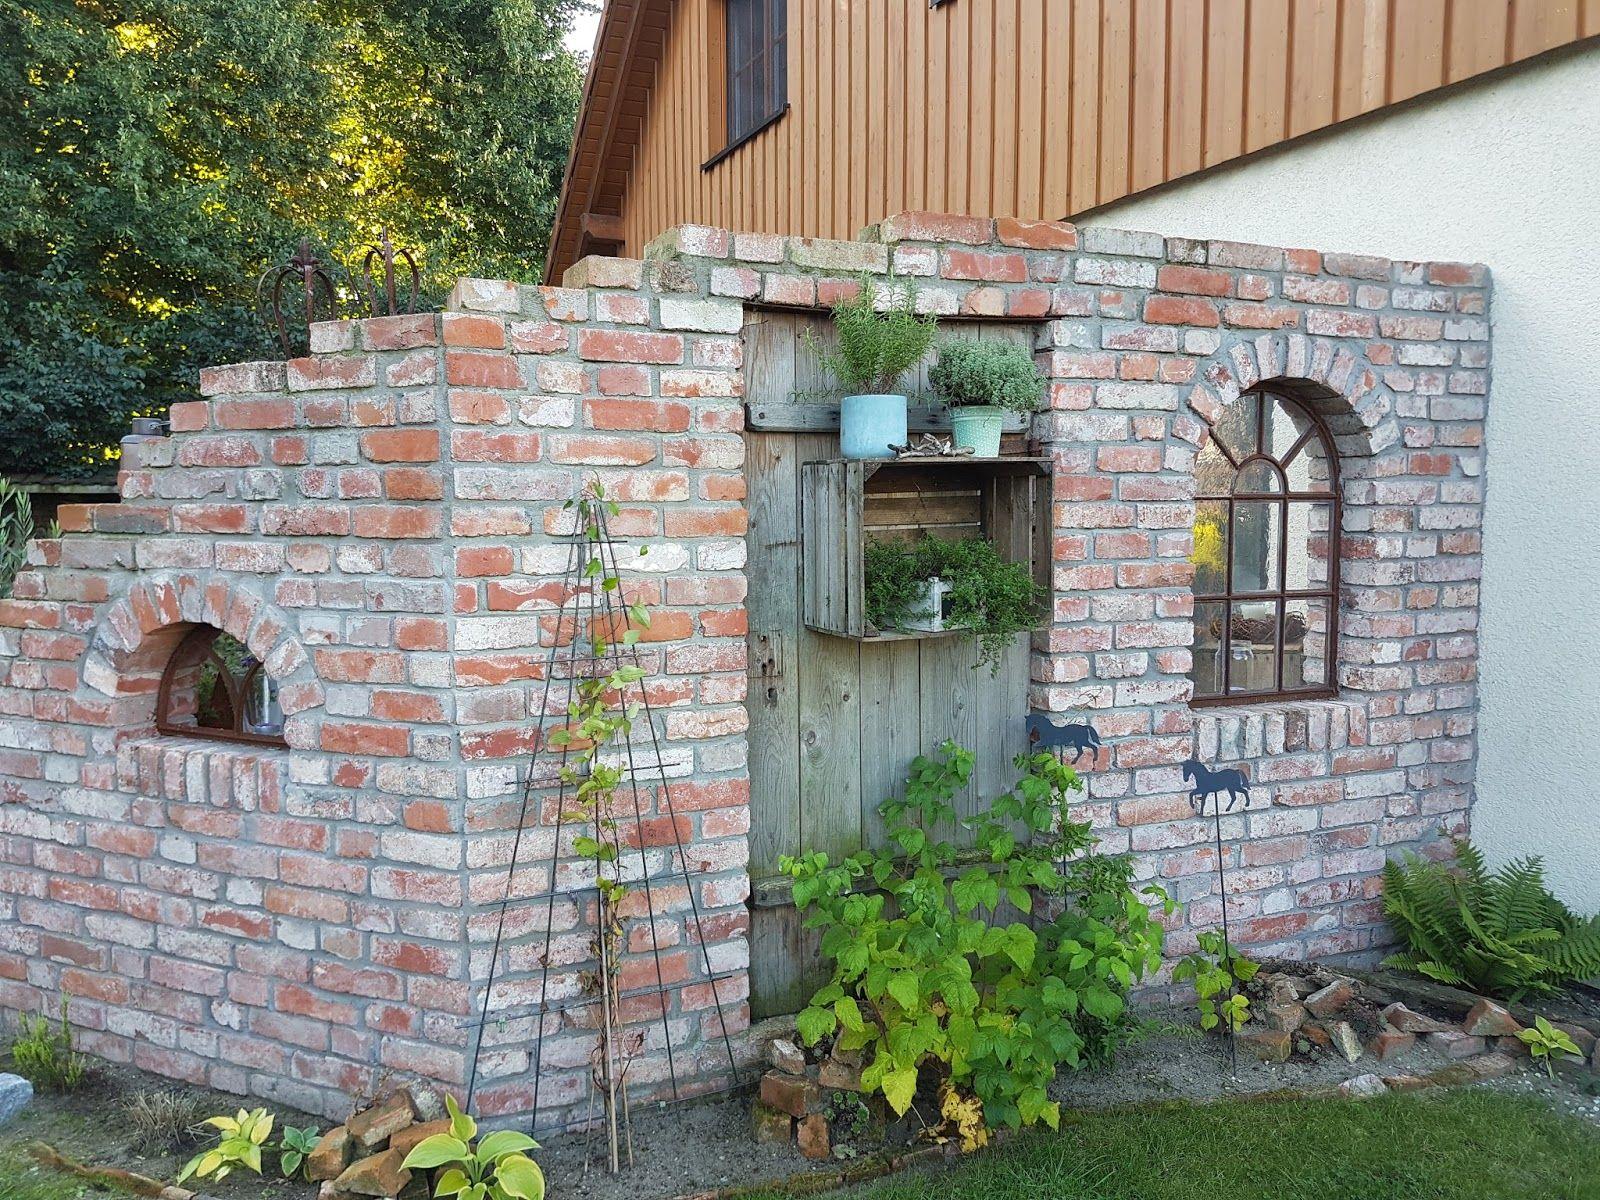 Bildergebnis für ruinenmauer sichtschutz | ogród | Pinterest ...